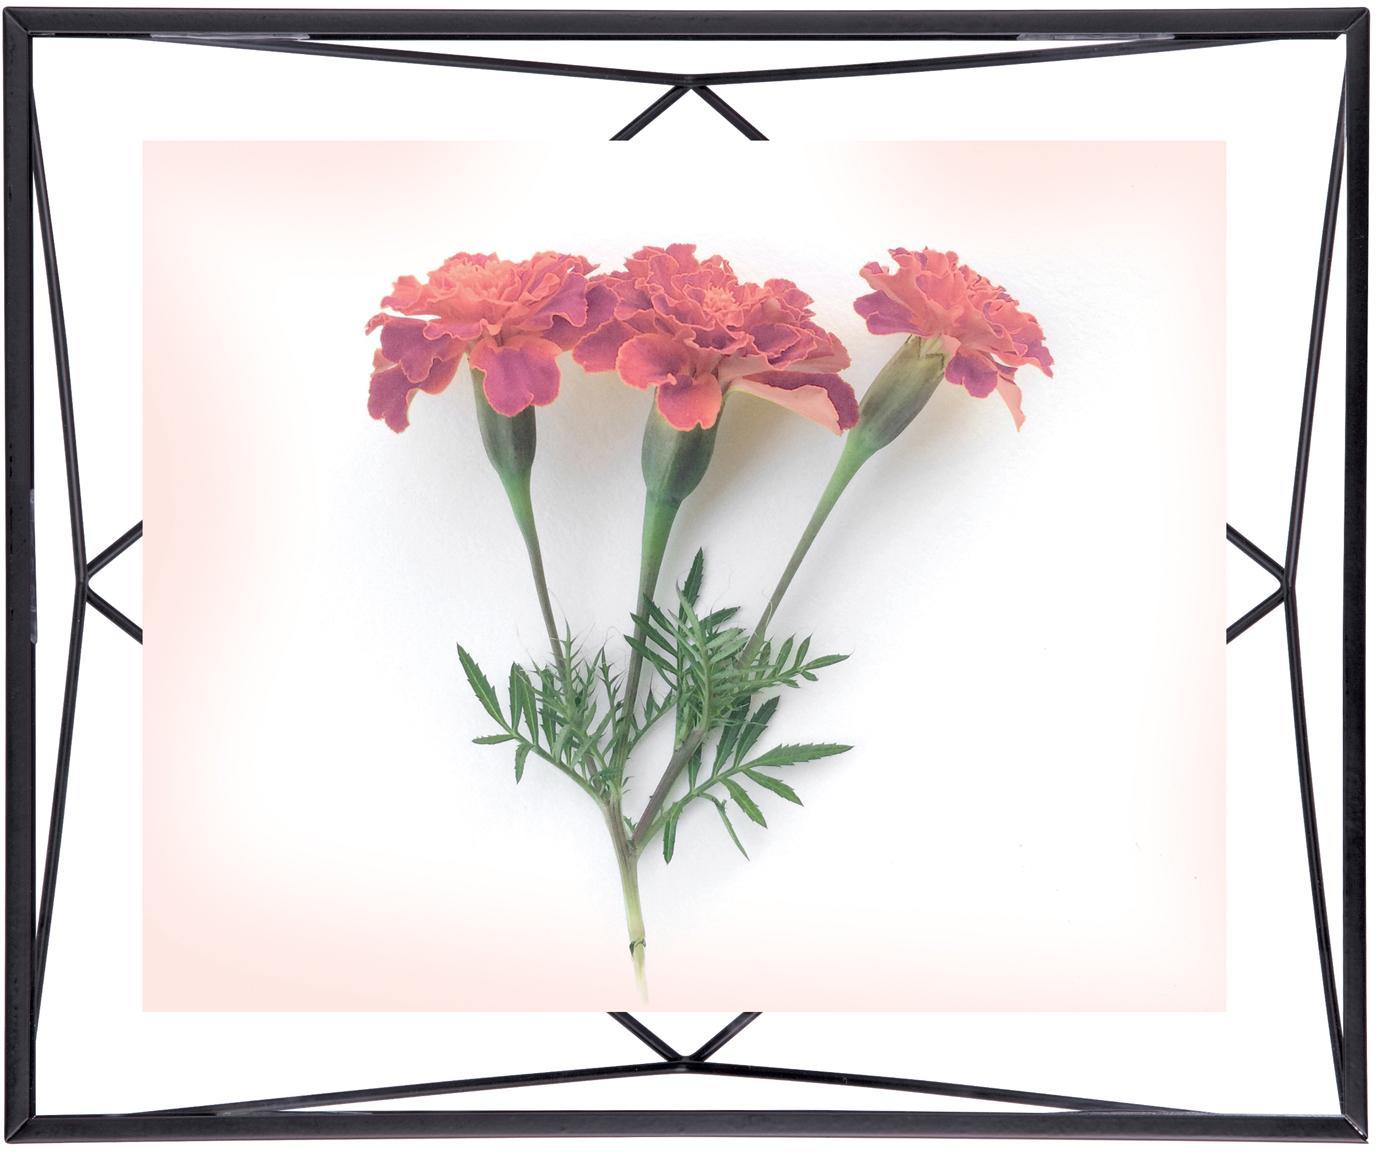 Ramka na zdjęcia Prisma, Czarny, 20 x 25 cm